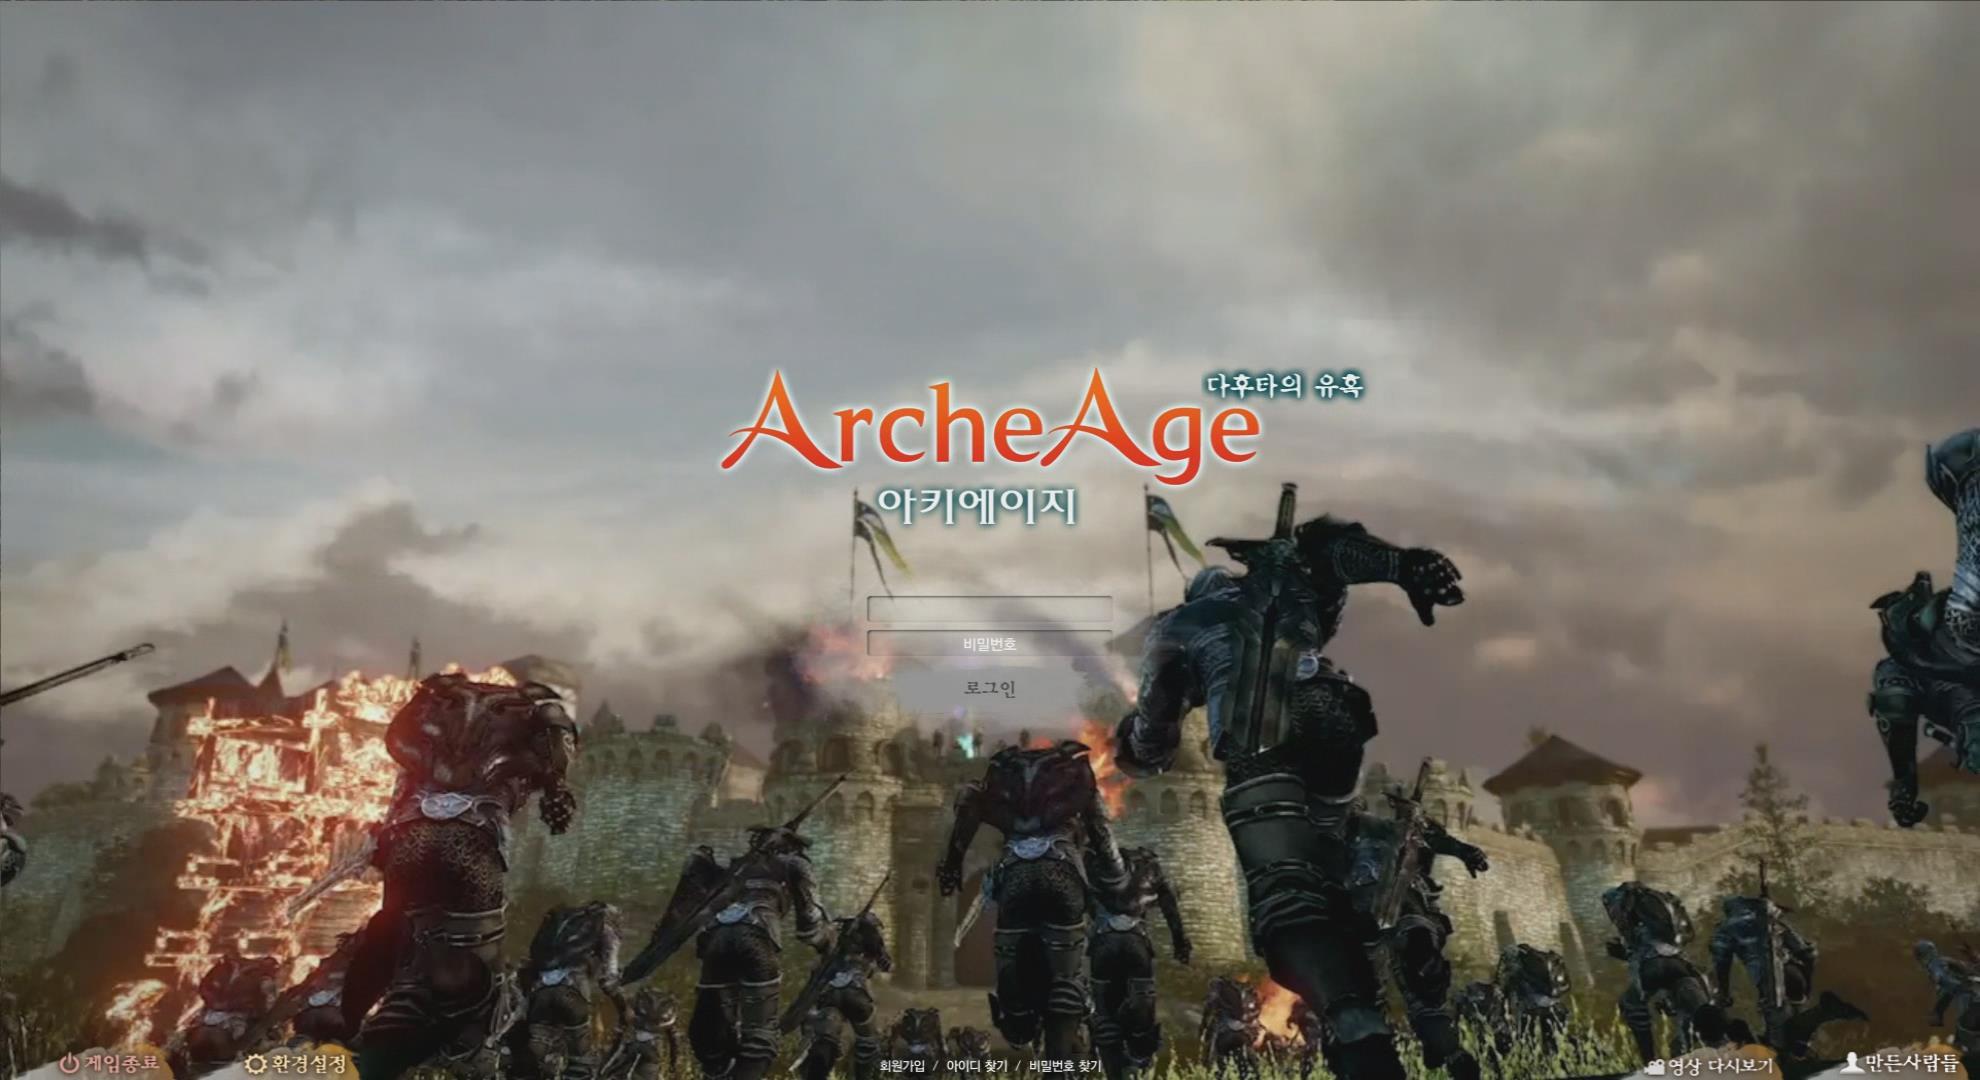 ArcheAge 2013-07-25 23-32-3203